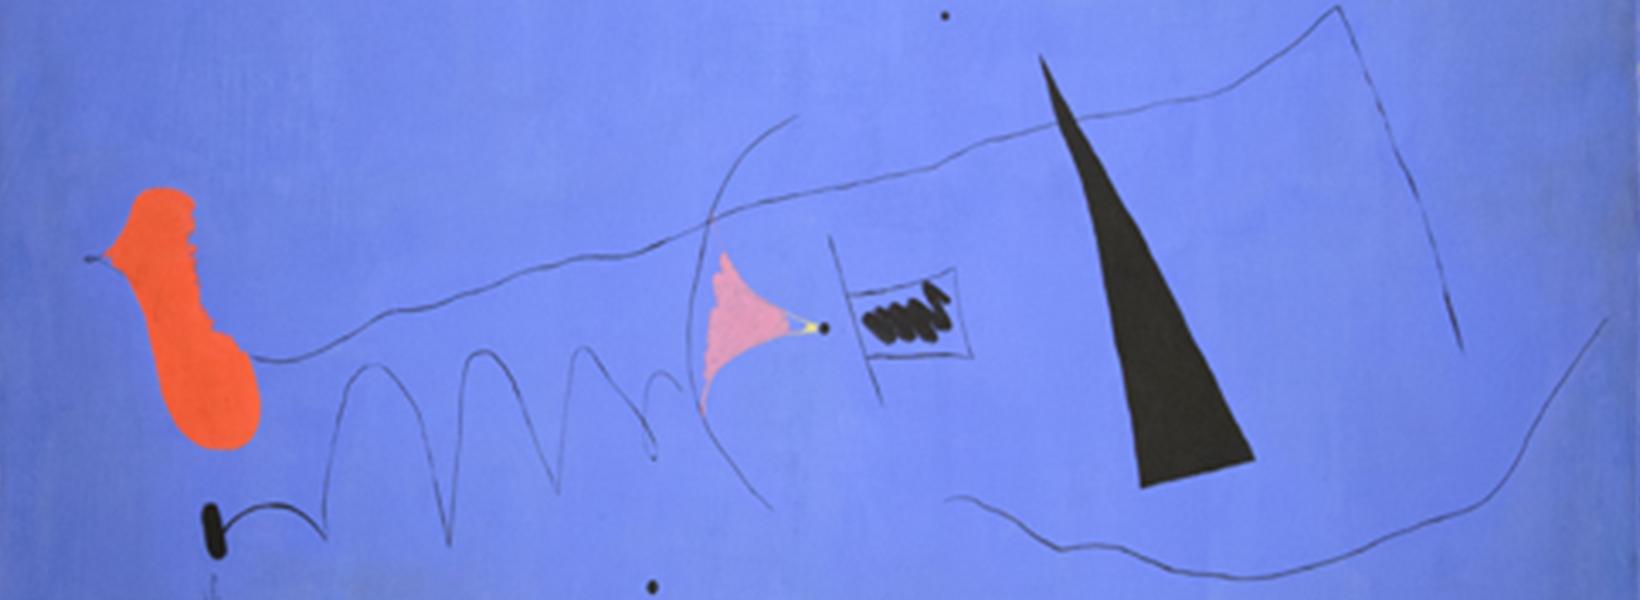 Joan Miró, Étoile Bleue, 1927